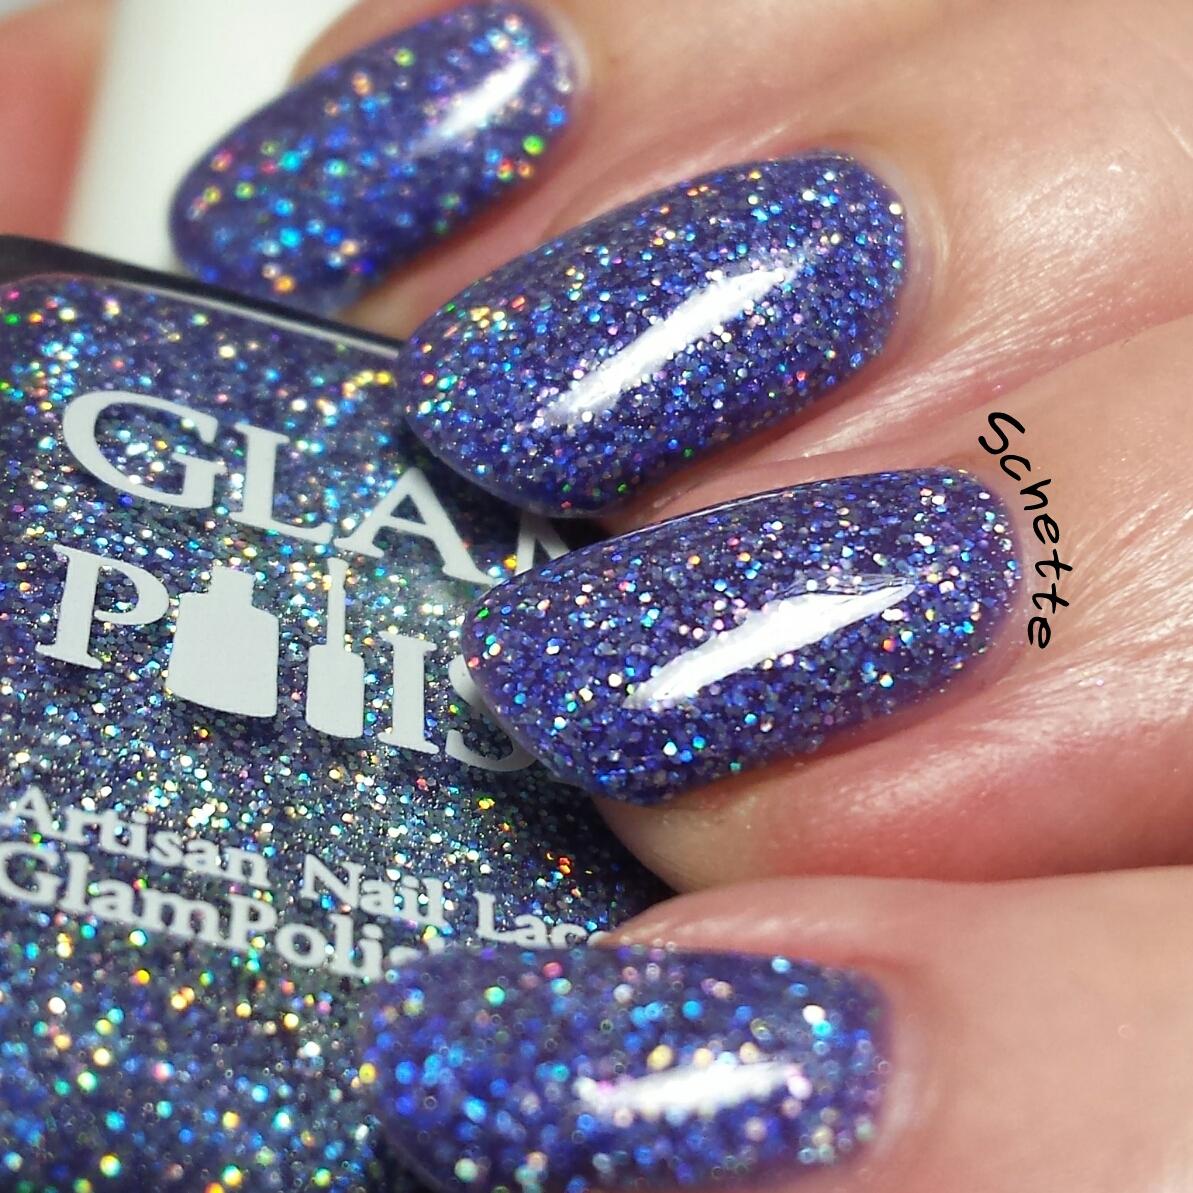 Glam Polish - Serene